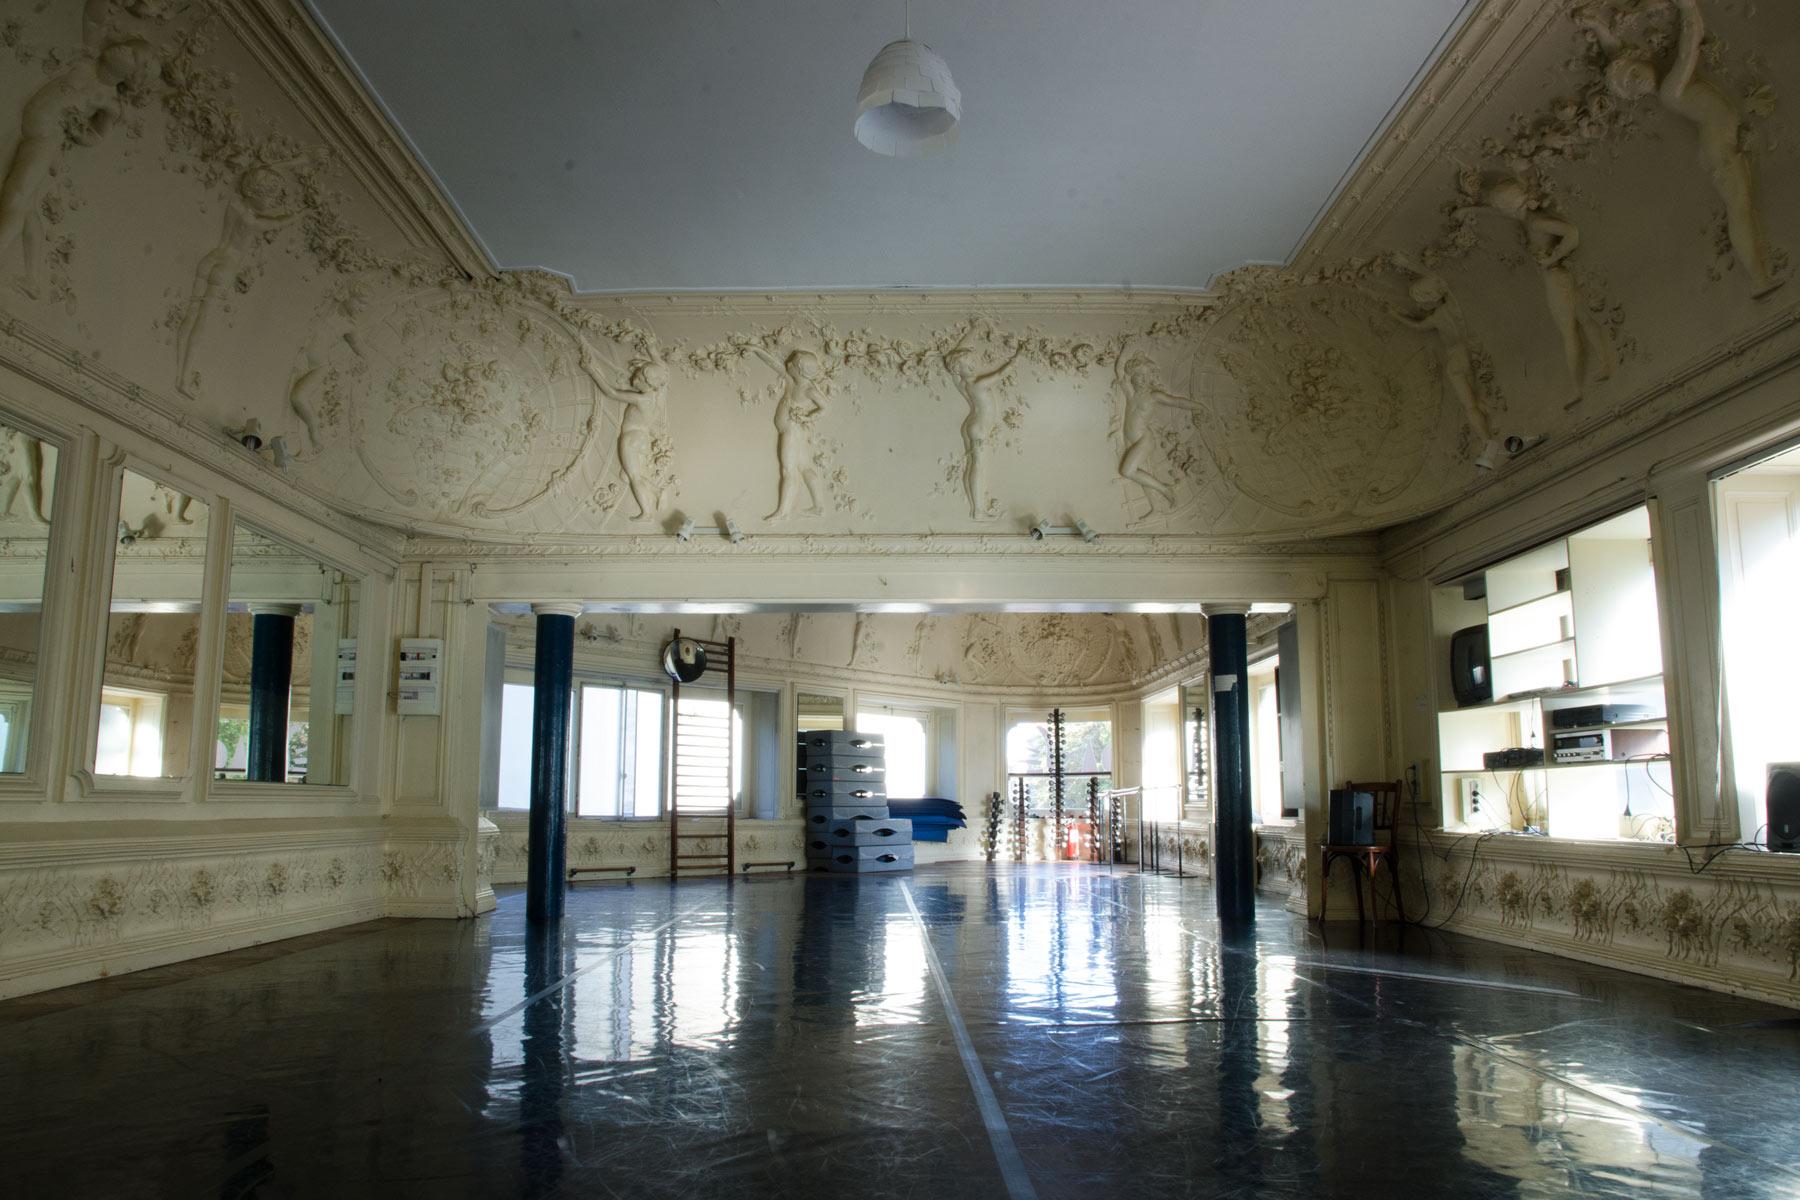 Adage studio de danse bordeaux ecole de danse bordeaux for Location de studio a bordeaux